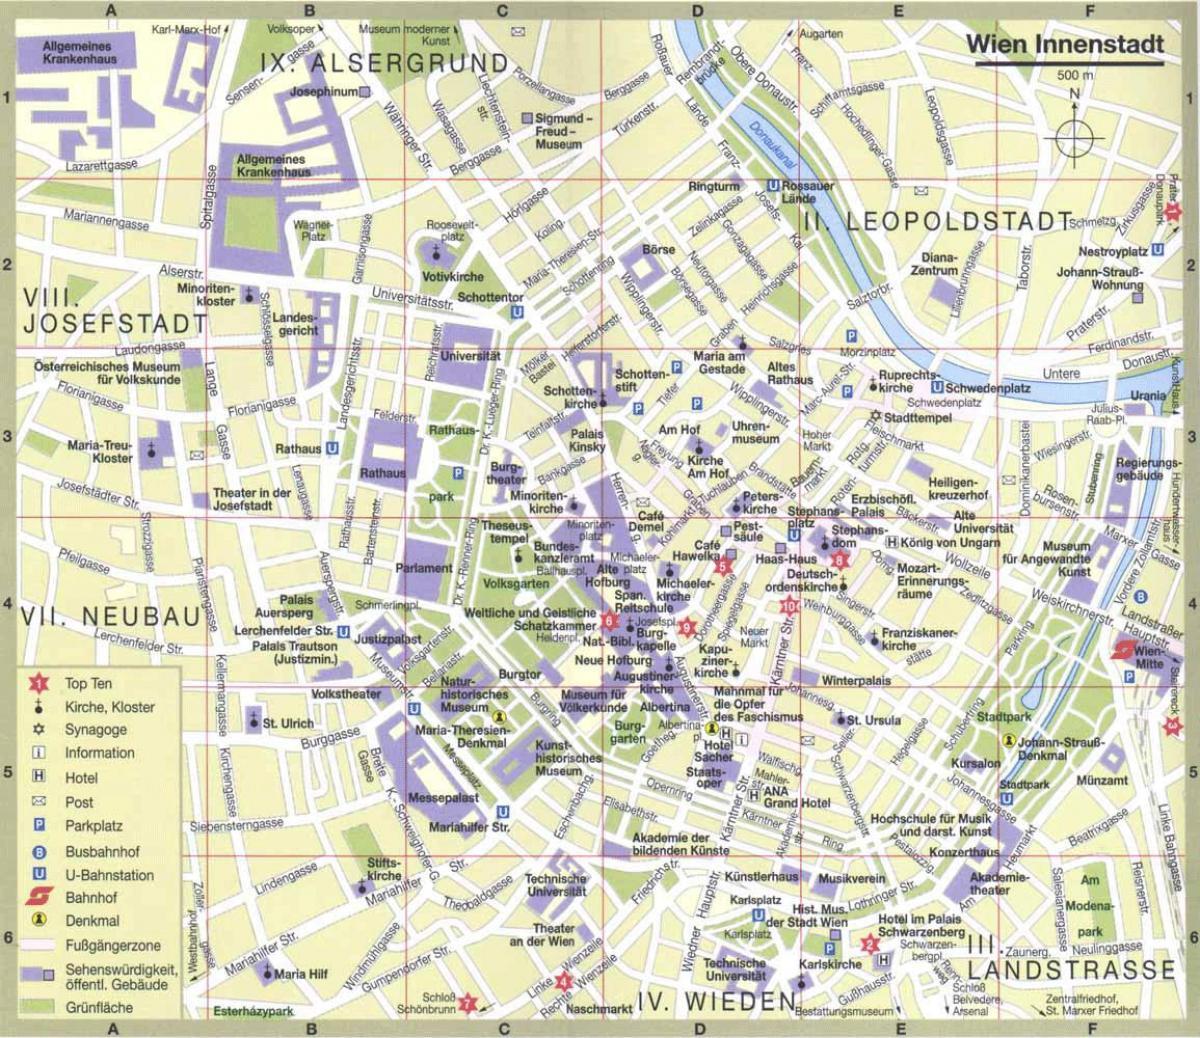 www ausztria térkép hu Bécs Ausztria idegenforgalmi térkép   Bécs város idegenforgalmi  www ausztria térkép hu